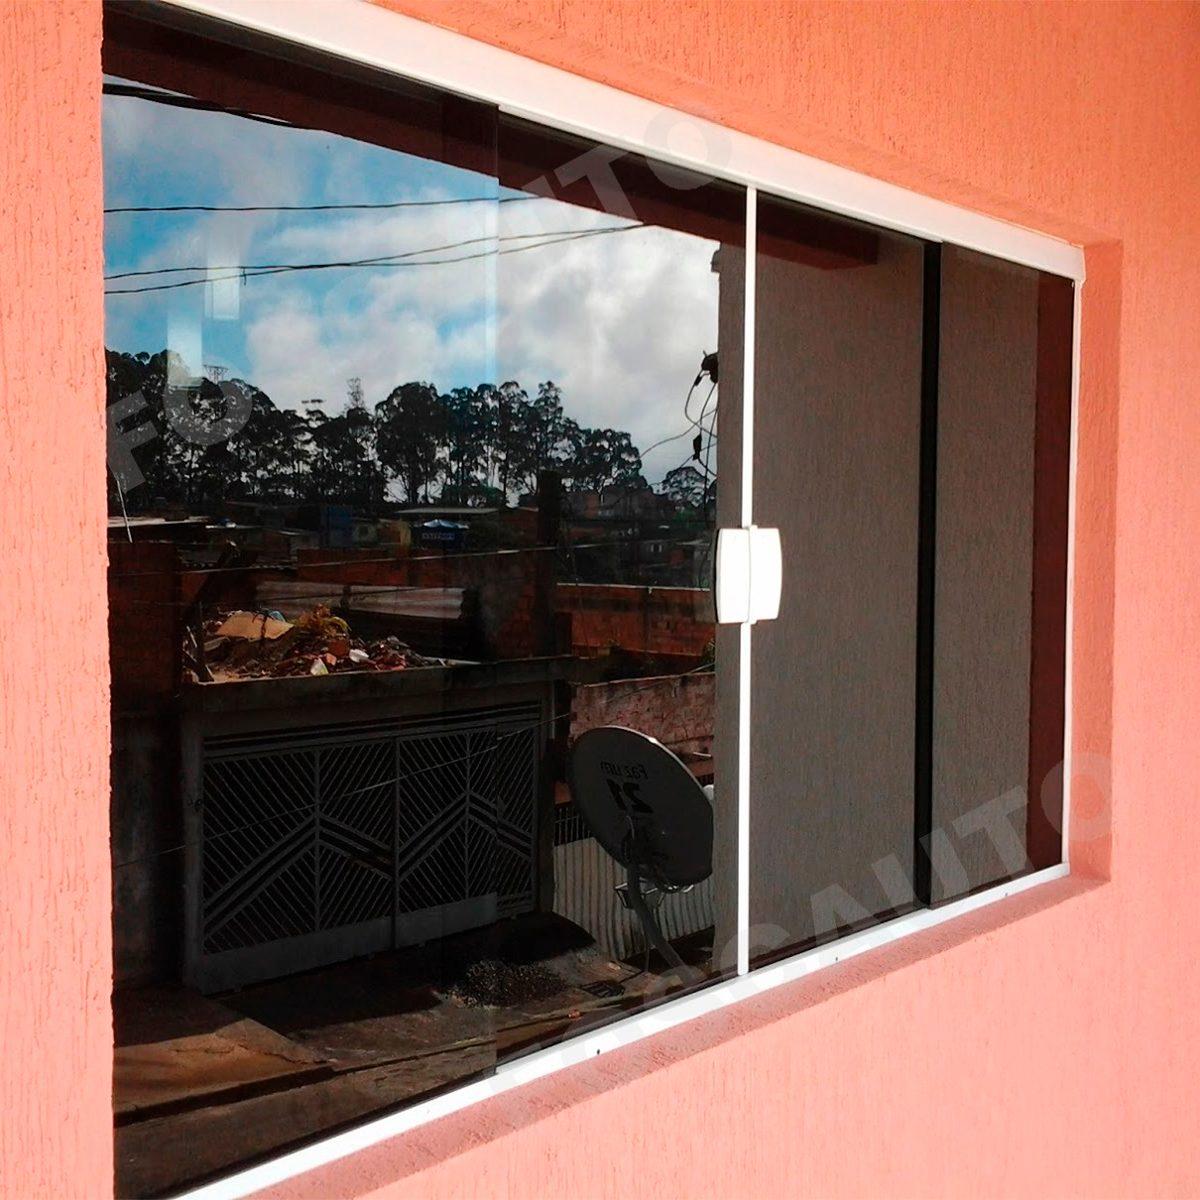 #C72804  Preto Fume Porta Janela Vidro Blindex R$ 19 95 em Mercado Livre 396 Janelas De Vidro Vitoria Es